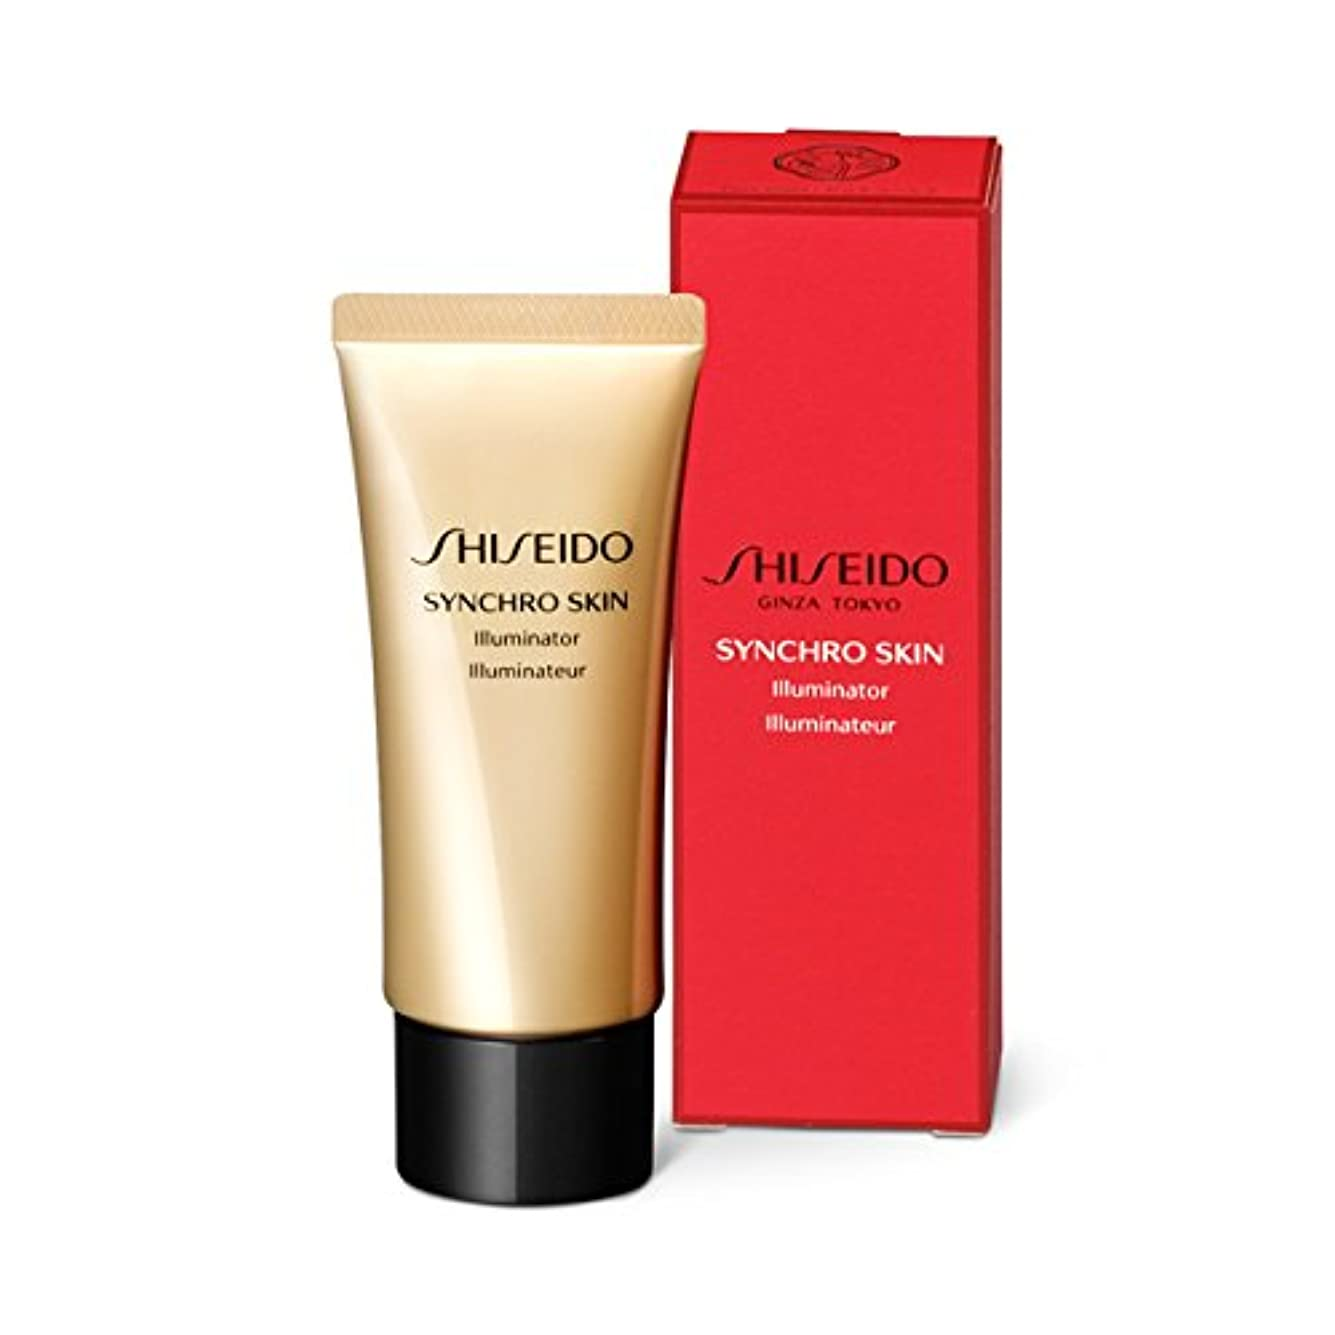 オーバードローソフィー位置するSHISEIDO Makeup(資生堂 メーキャップ) SHISEIDO(資生堂) シンクロスキン イルミネーター 40g (ピュアゴールド)